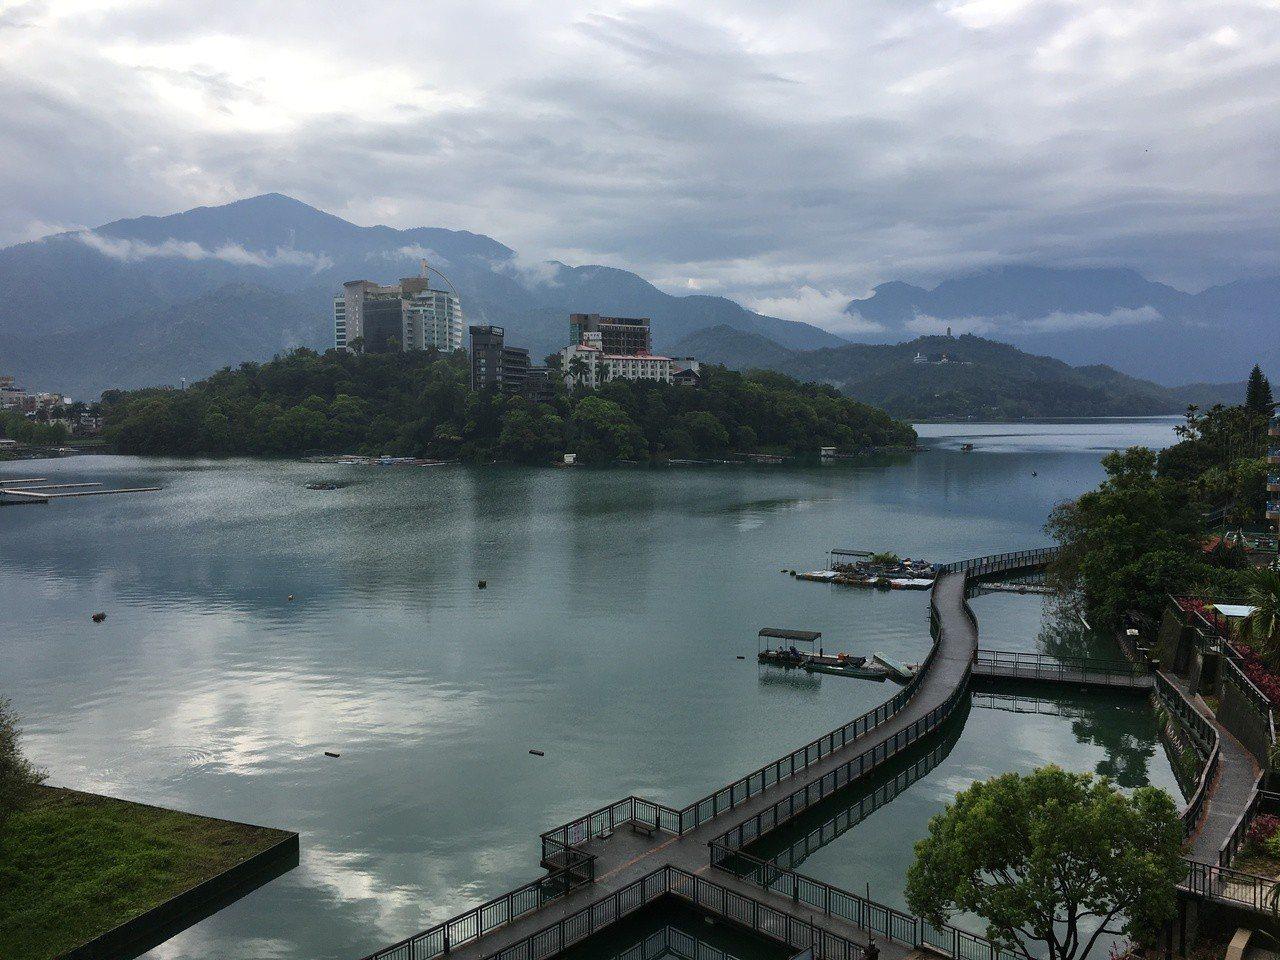 美麗的日月潭,在台灣電力系統中,也具備再生能源的儲能功能。記者江睿智/攝影